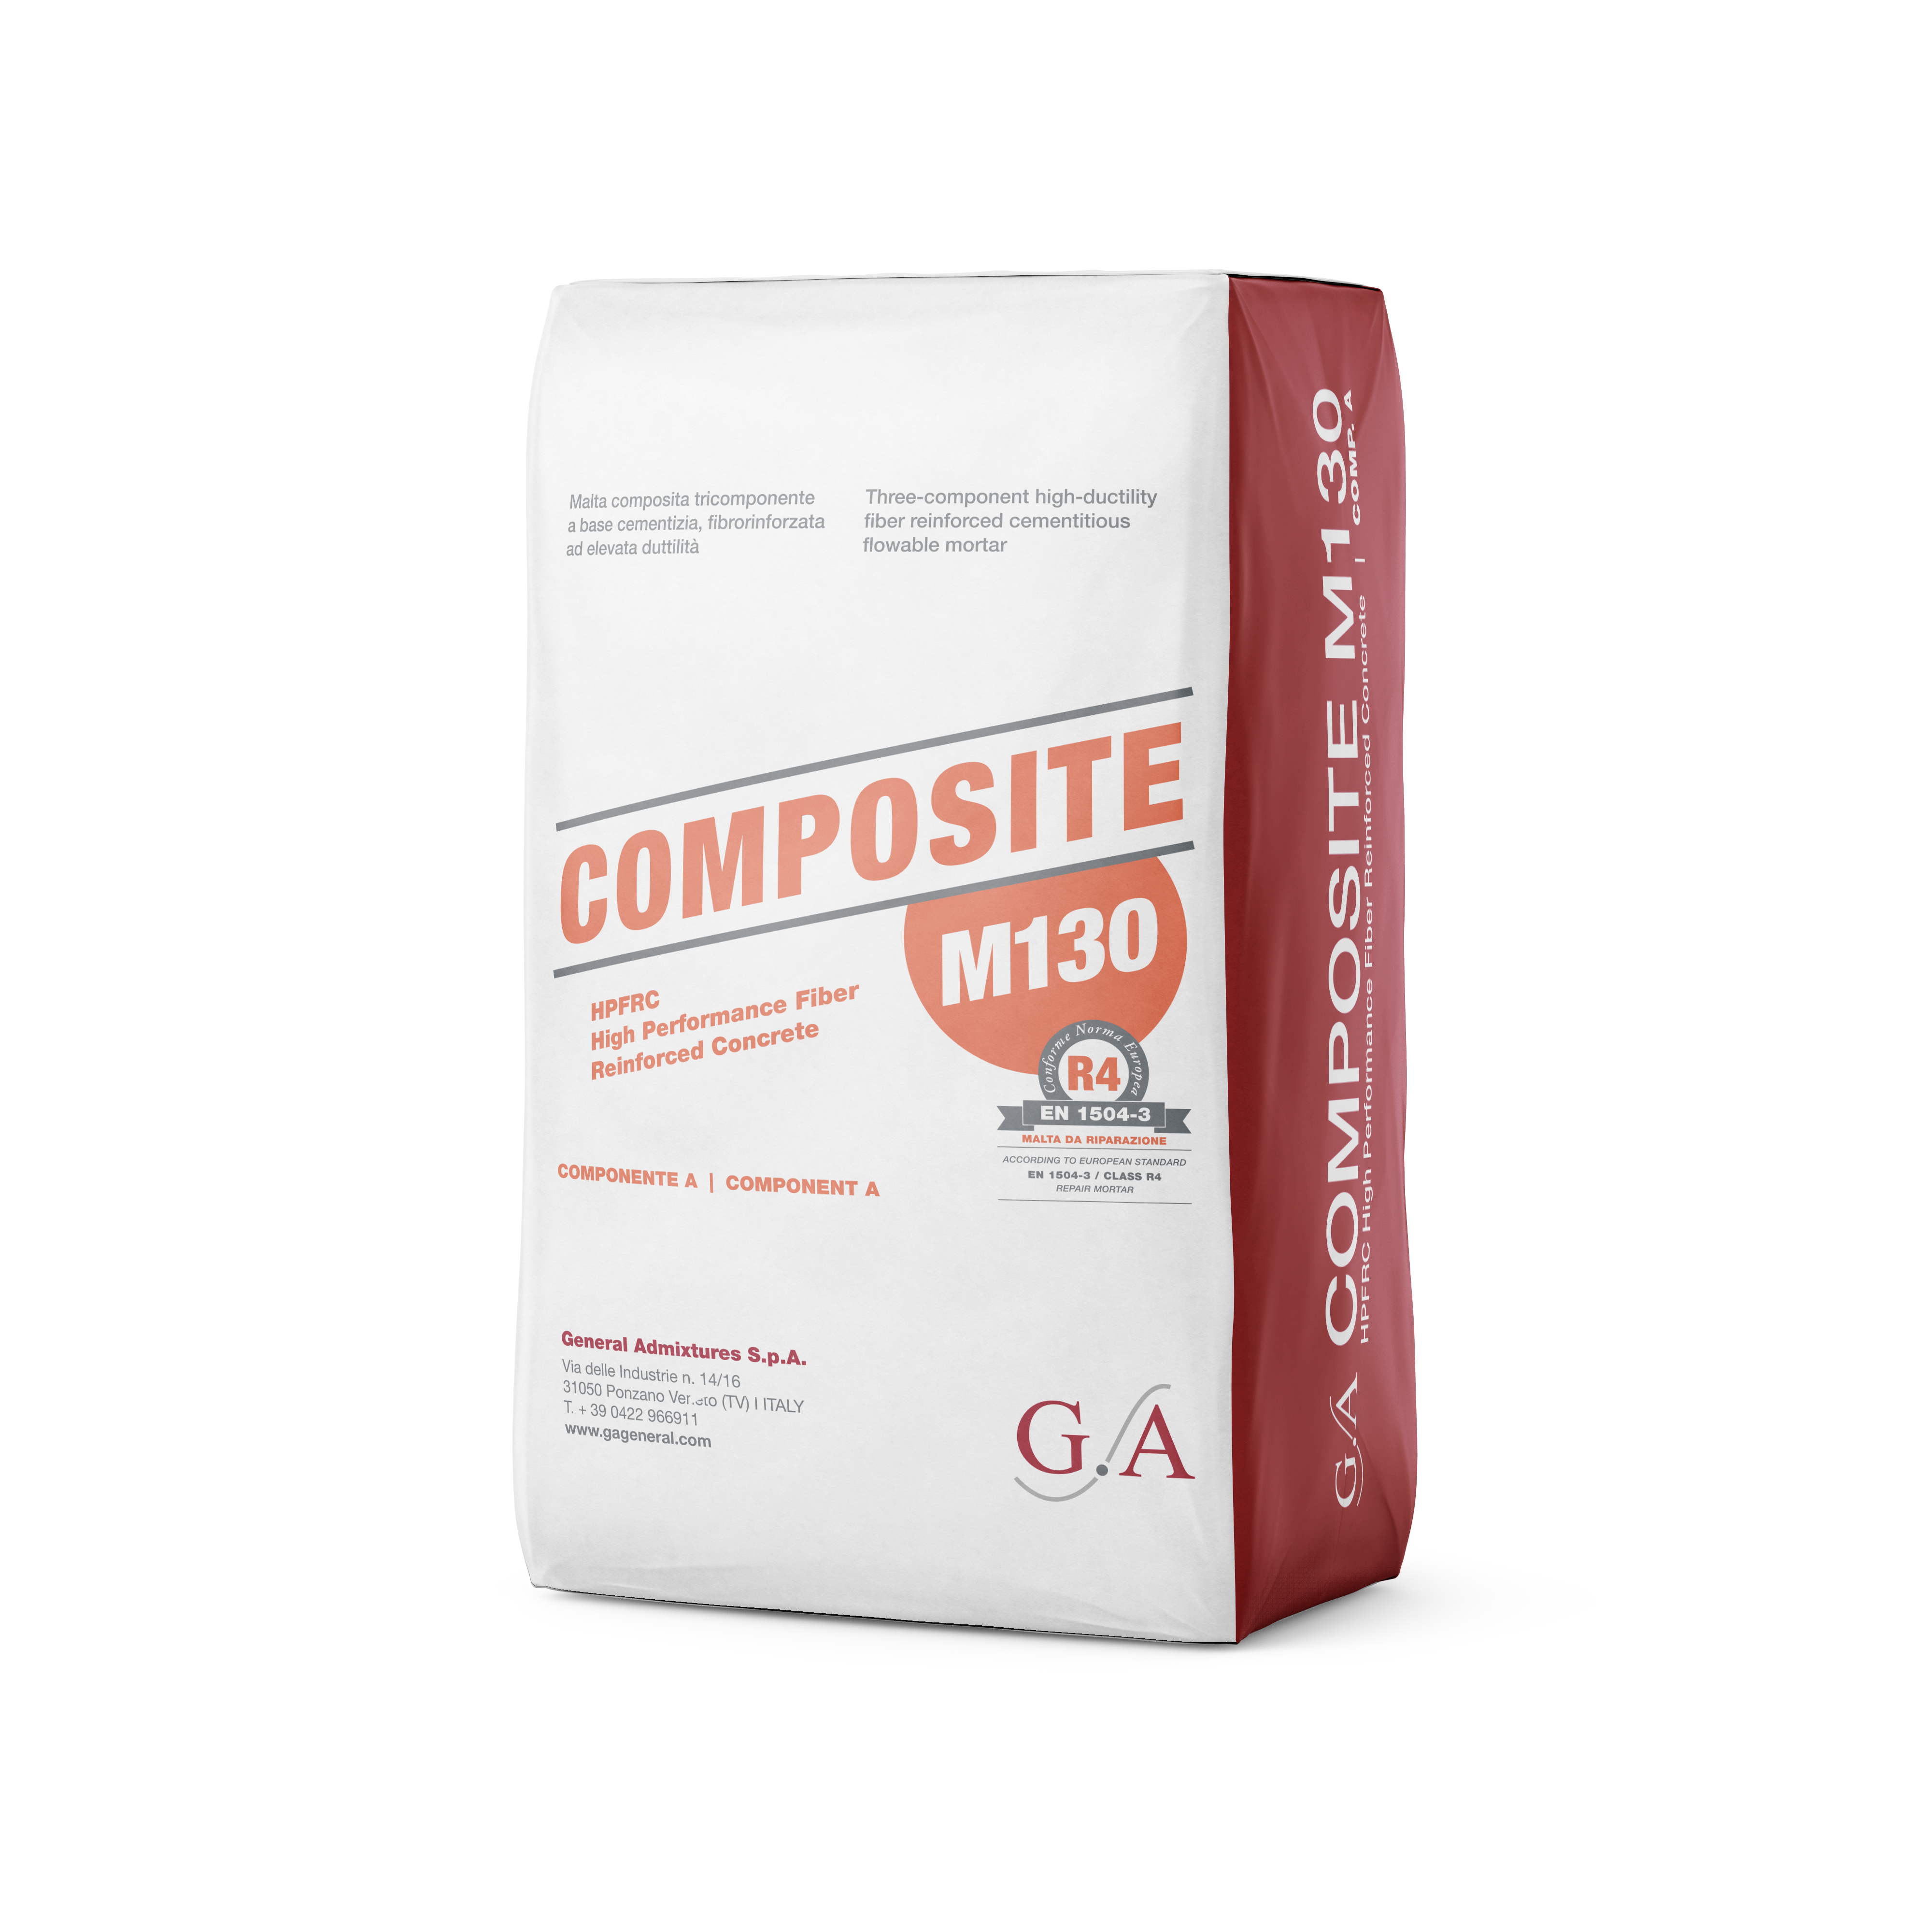 Immagine sacco Composite M130